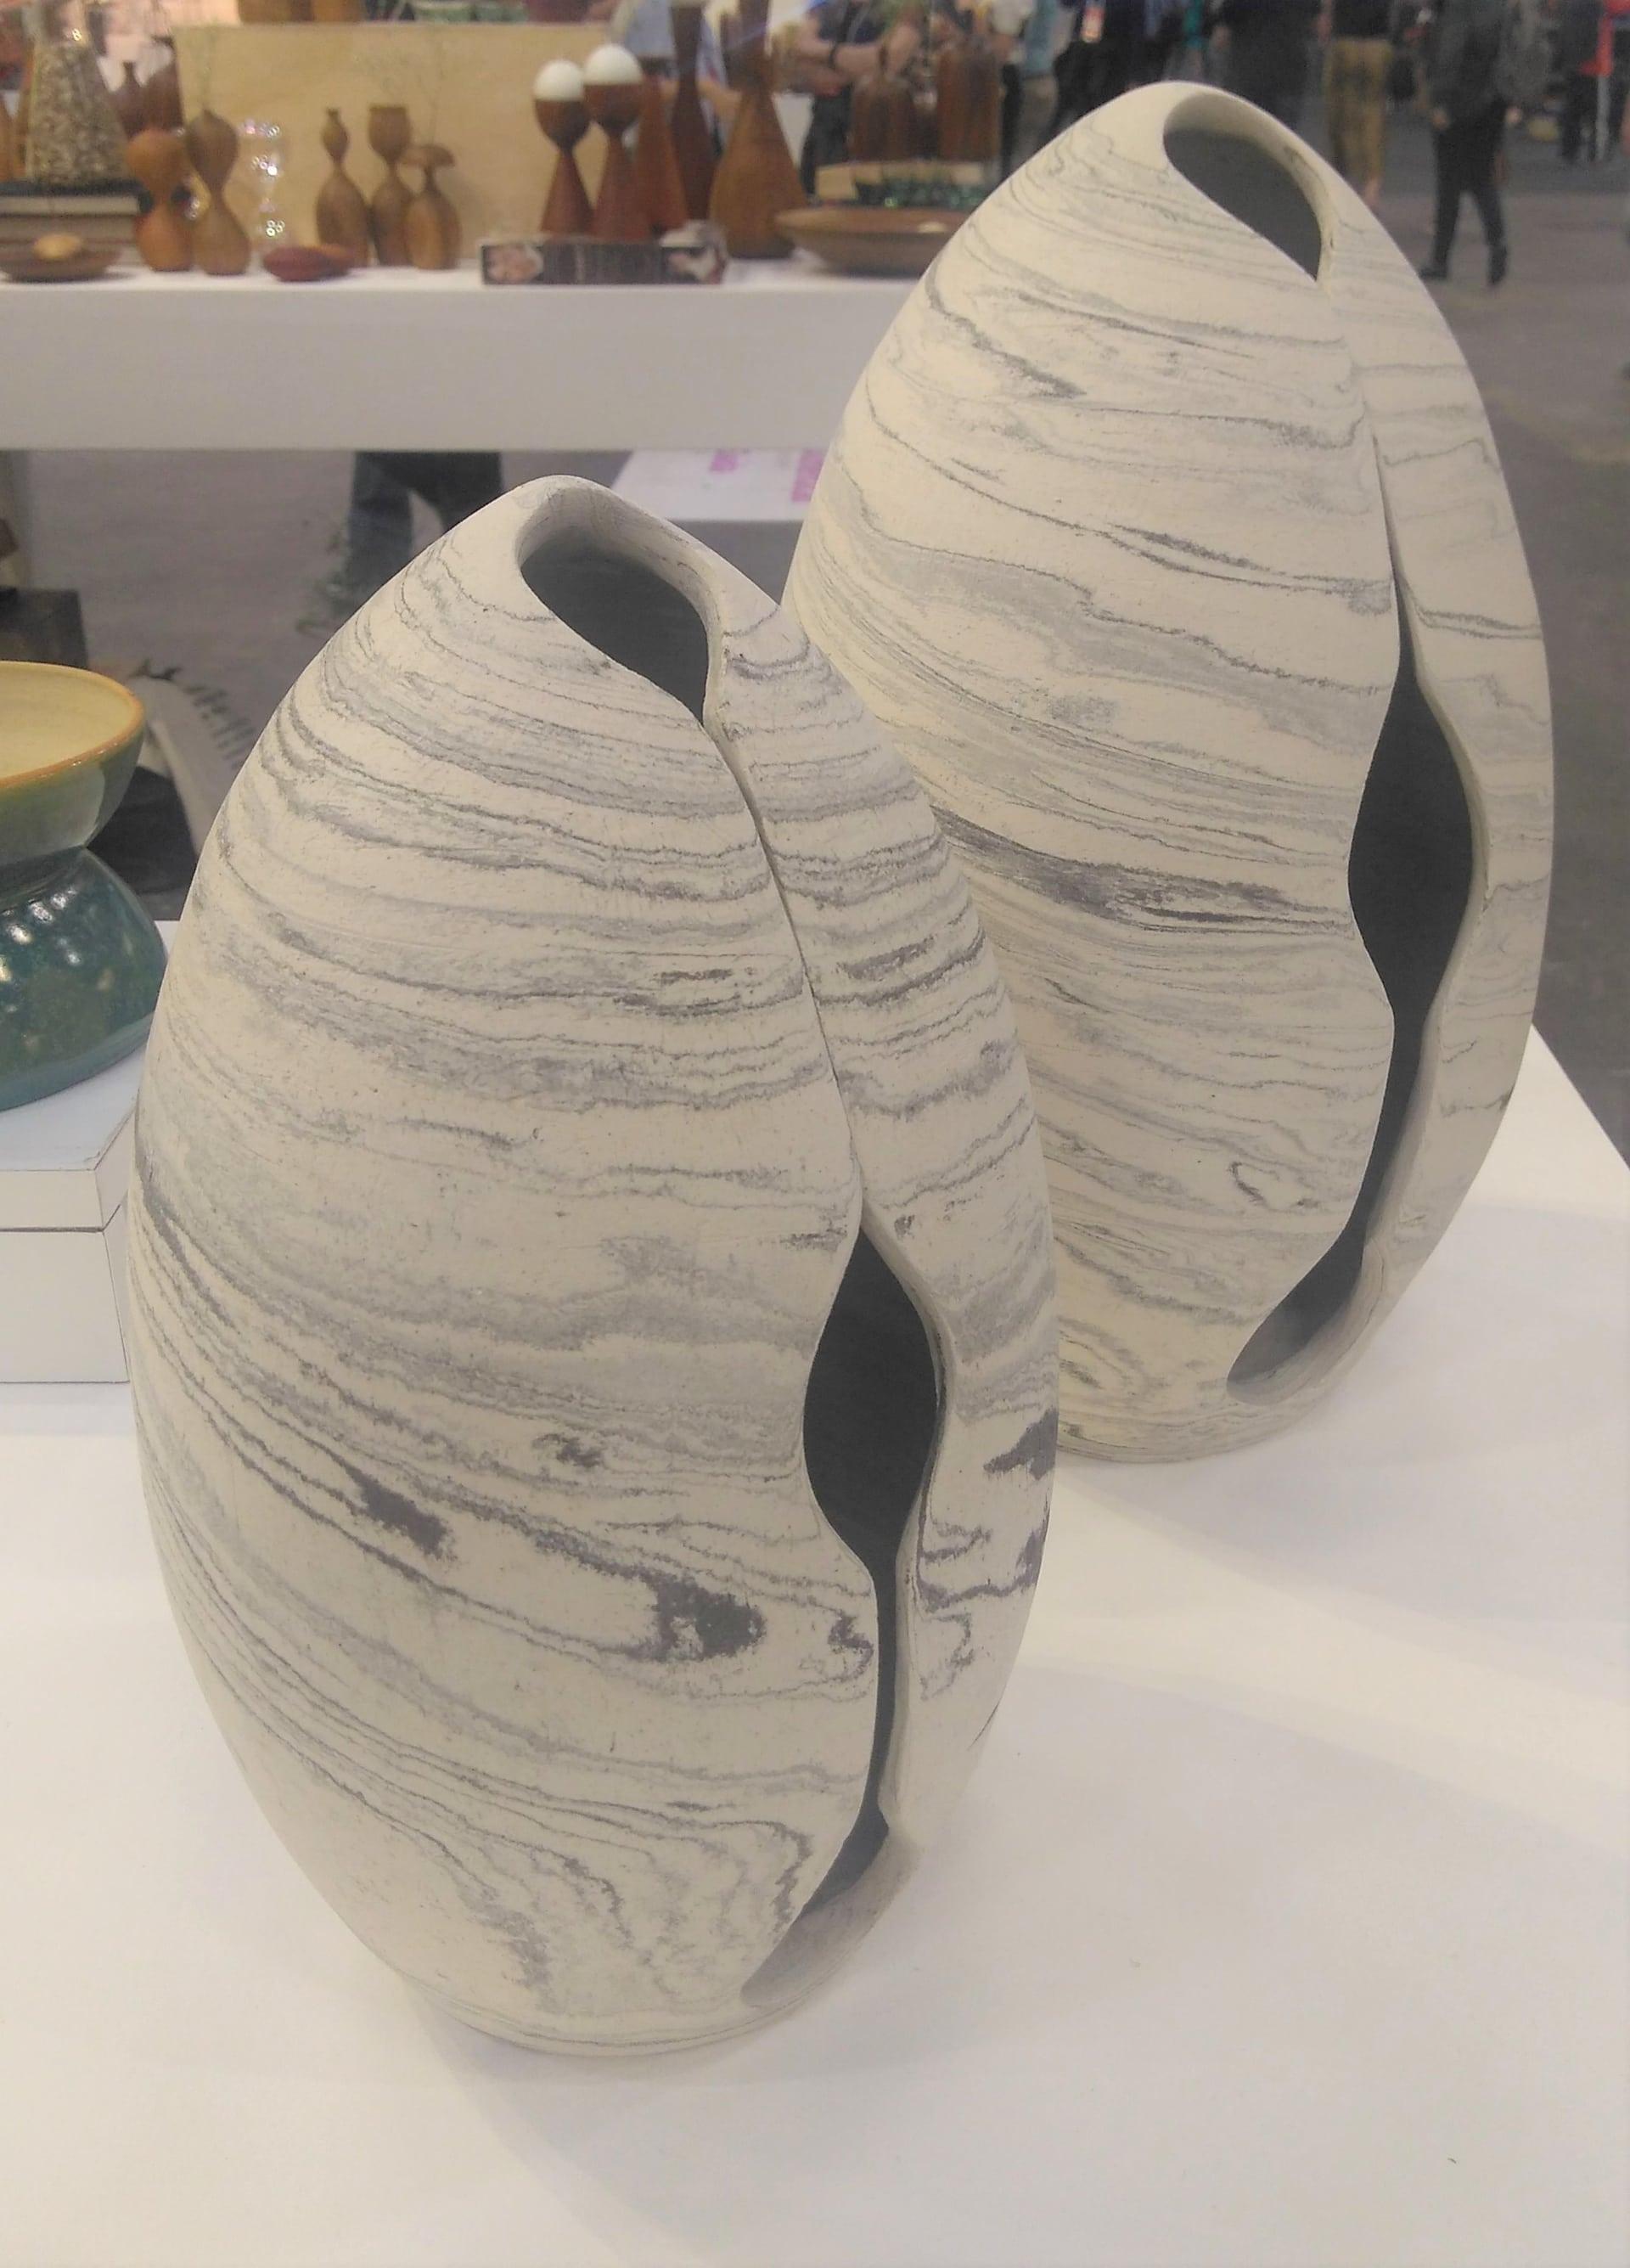 Imagem: Estes elementos esculturais representam bem o conceito de volumetrias mais arredondadas. O branco e o cinza que puxam tons de bege e cinza também são uma forte tendência para as utilidades domésticos. Foto: Equipe Oxford.